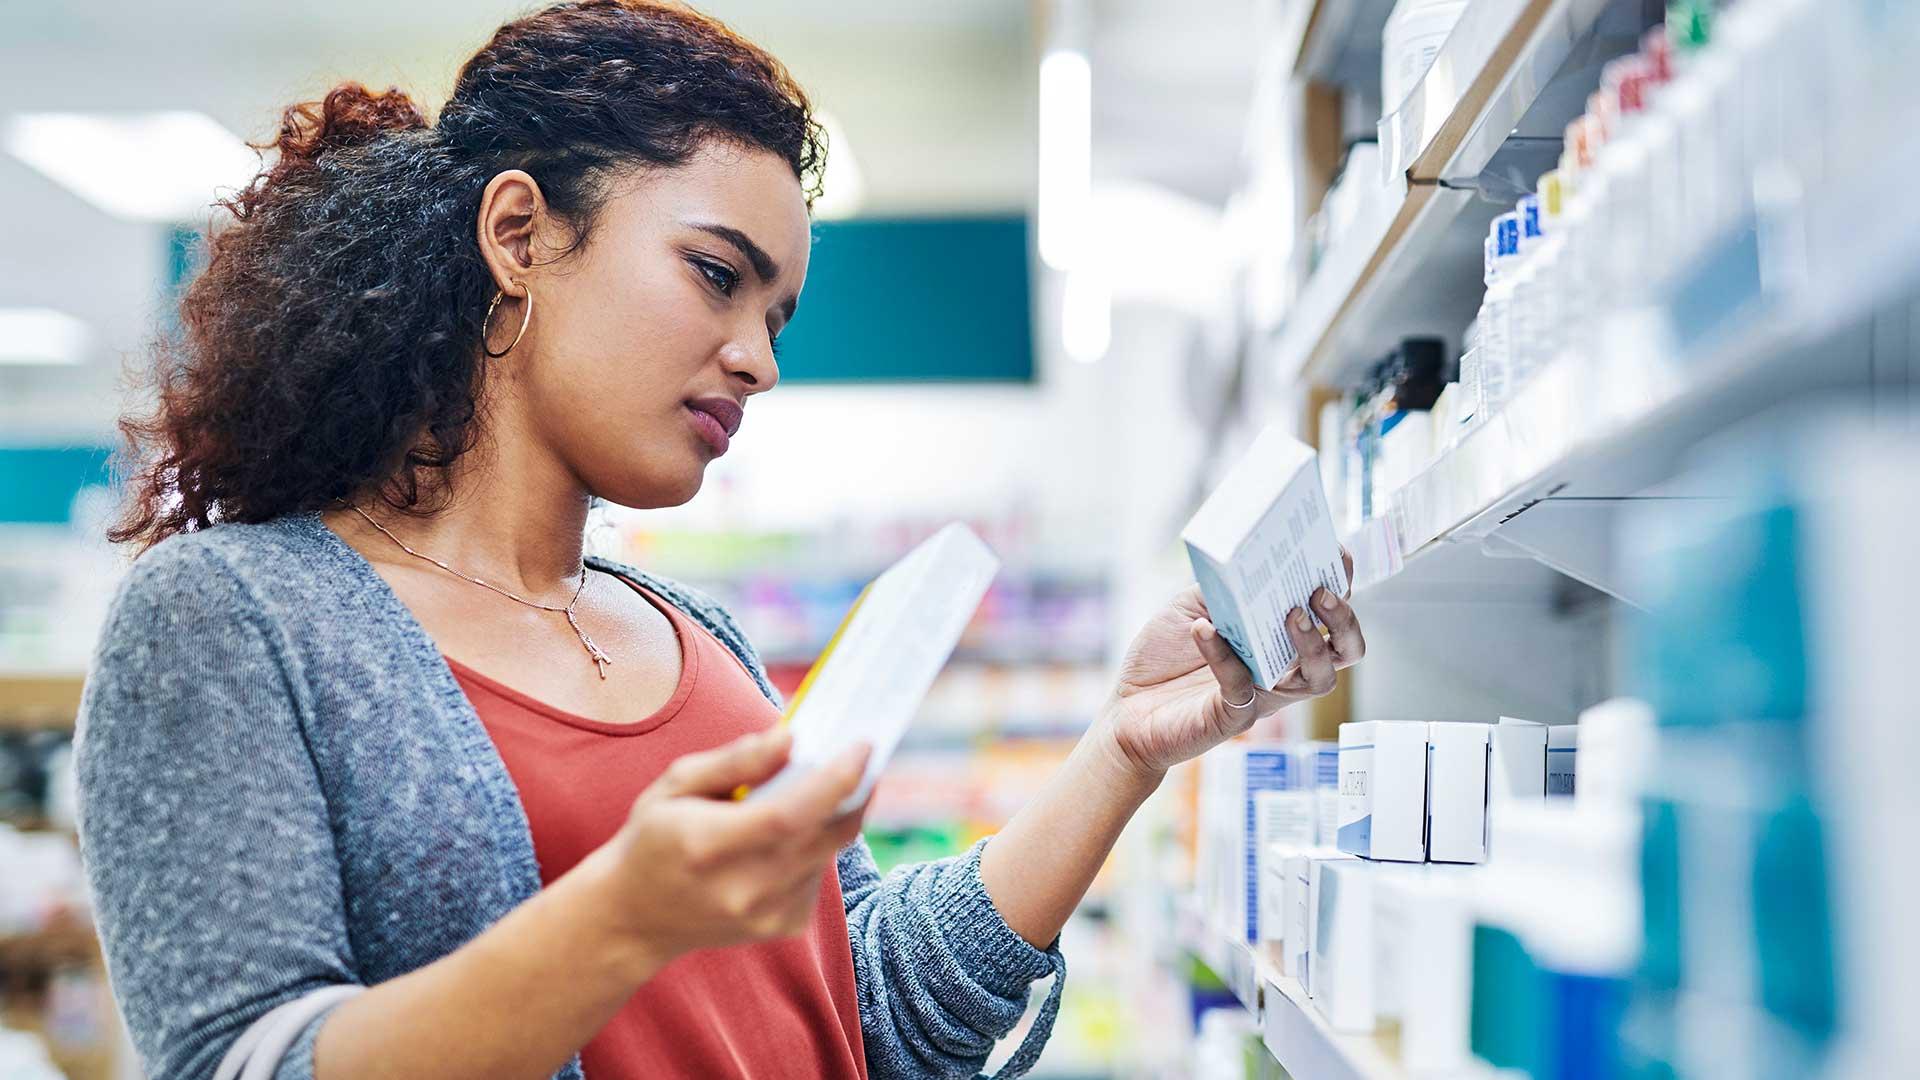 Tips for Taking OTC Medications To Avoid Health Risks